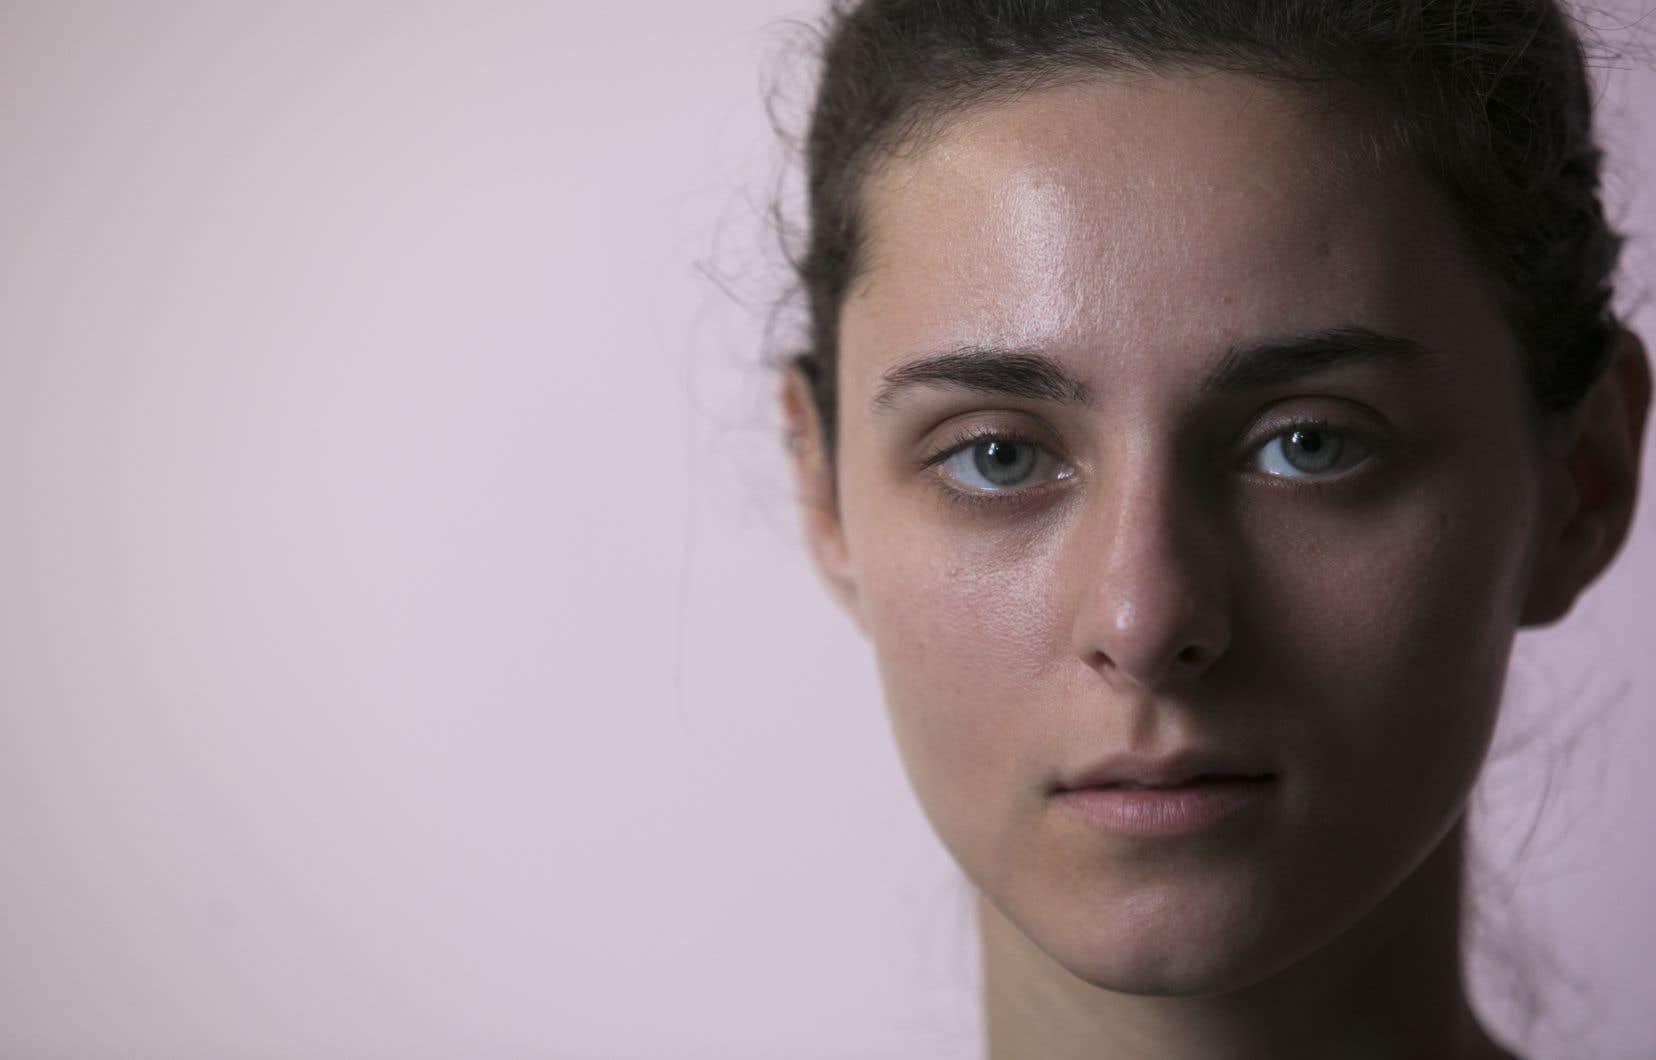 Nahéma Ricci interprète Antigone dans le long métrage de Sophie Deraspe.